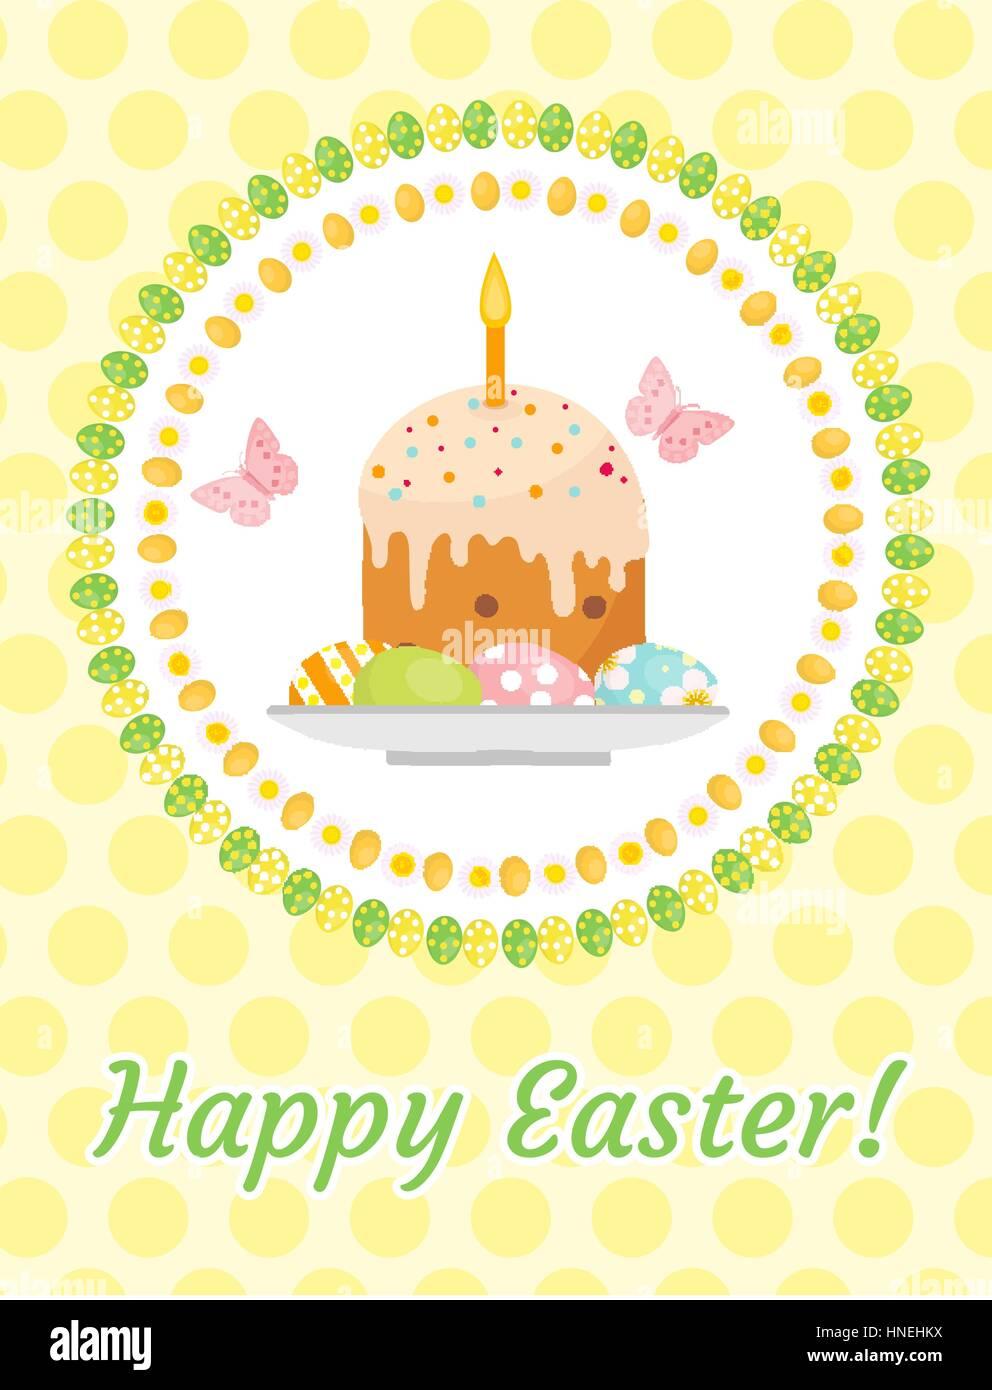 Frohe Ostern Grußkarte Flyer Plakat Mit Osterkuchen Und Eiern